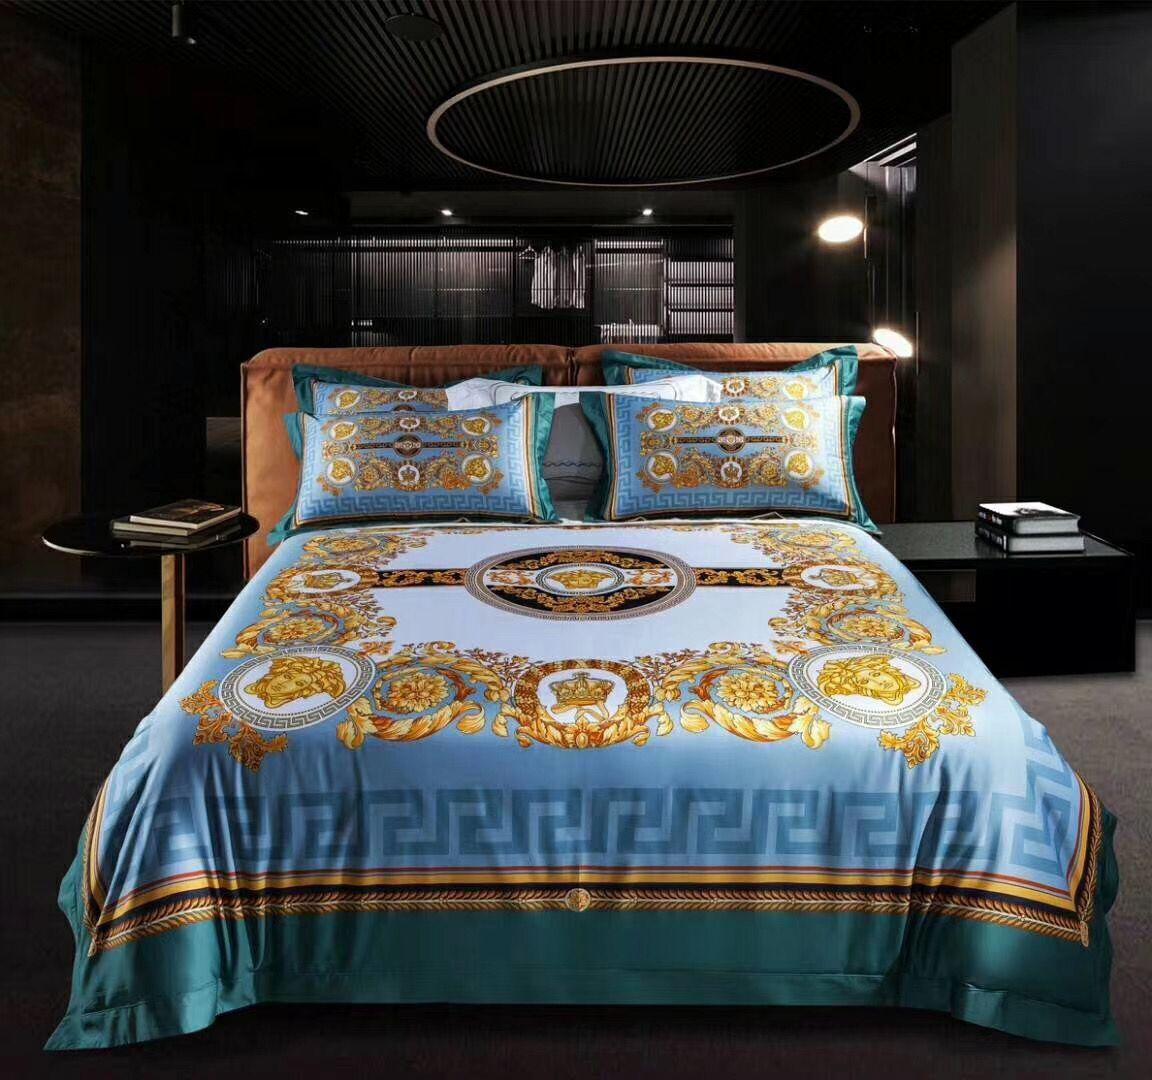 Melhor Quailty Luxo design de impressão azul Marca king size rainha Quilts Blue Gold Marca cama conjuntos de casamento Para Casa Hotel